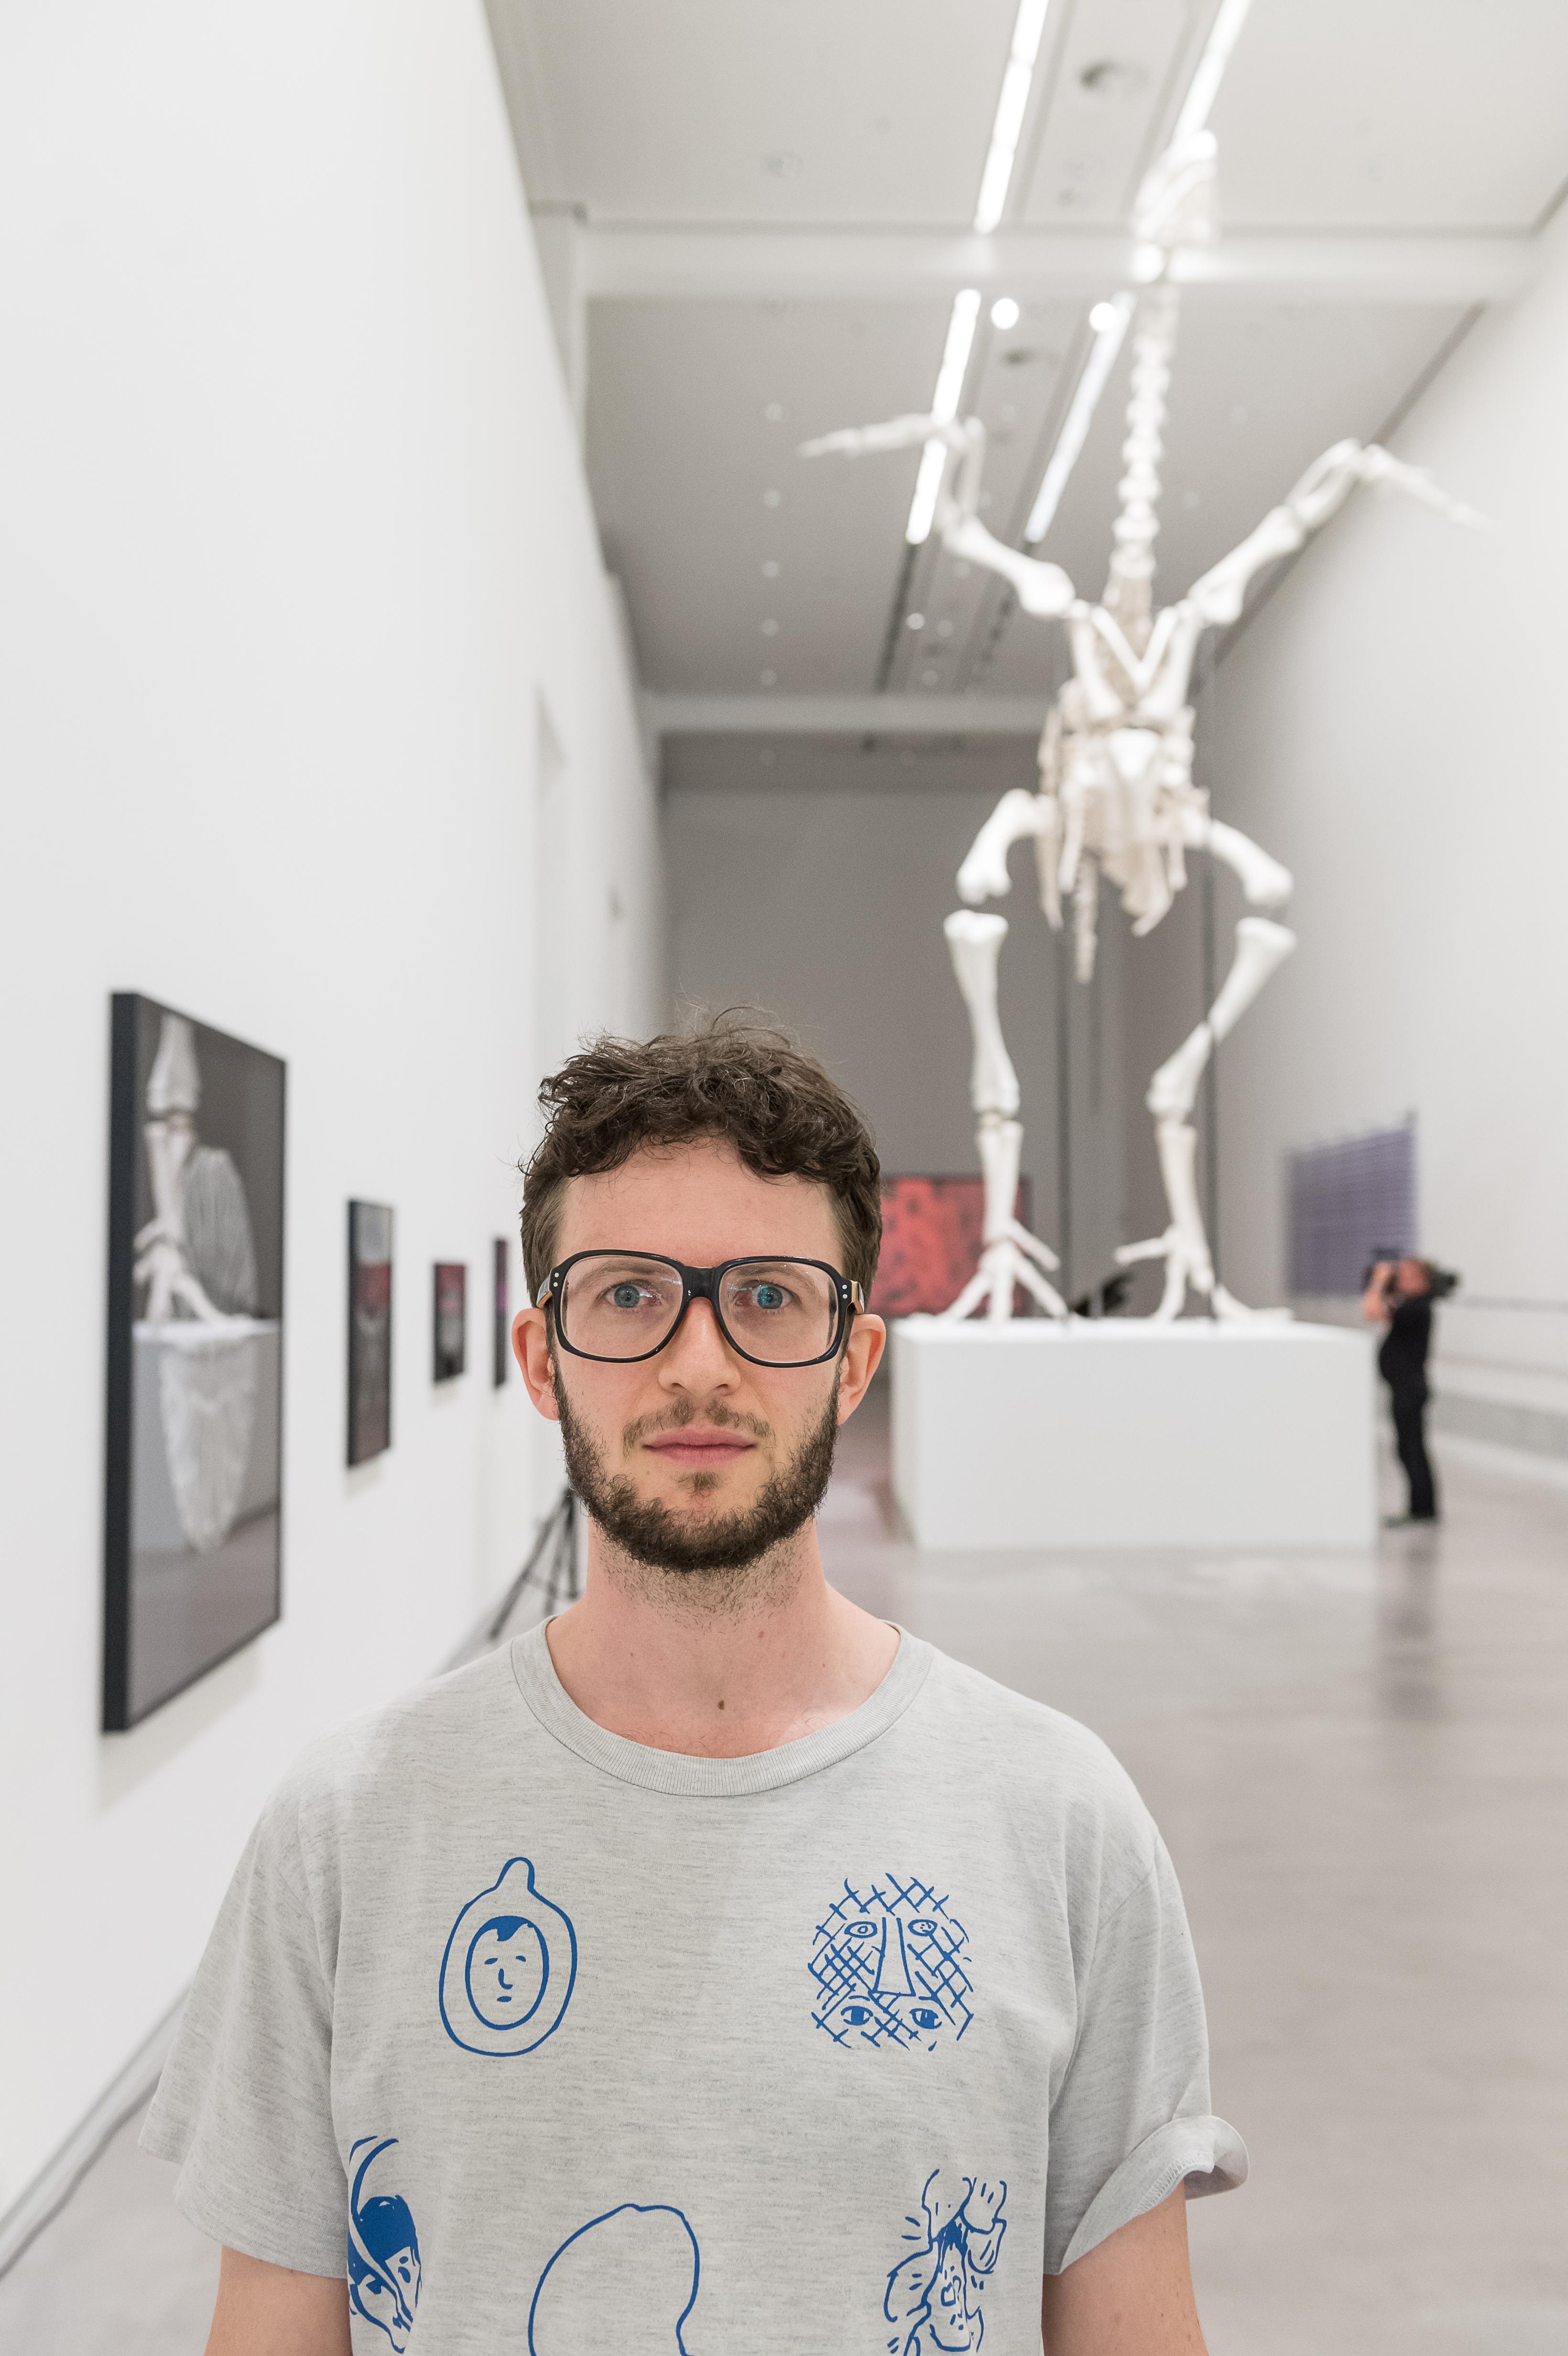 Andreas Greiner, Berlinische Galerie 2016, © Andreas Greiner, Foto: Harry Schnitger